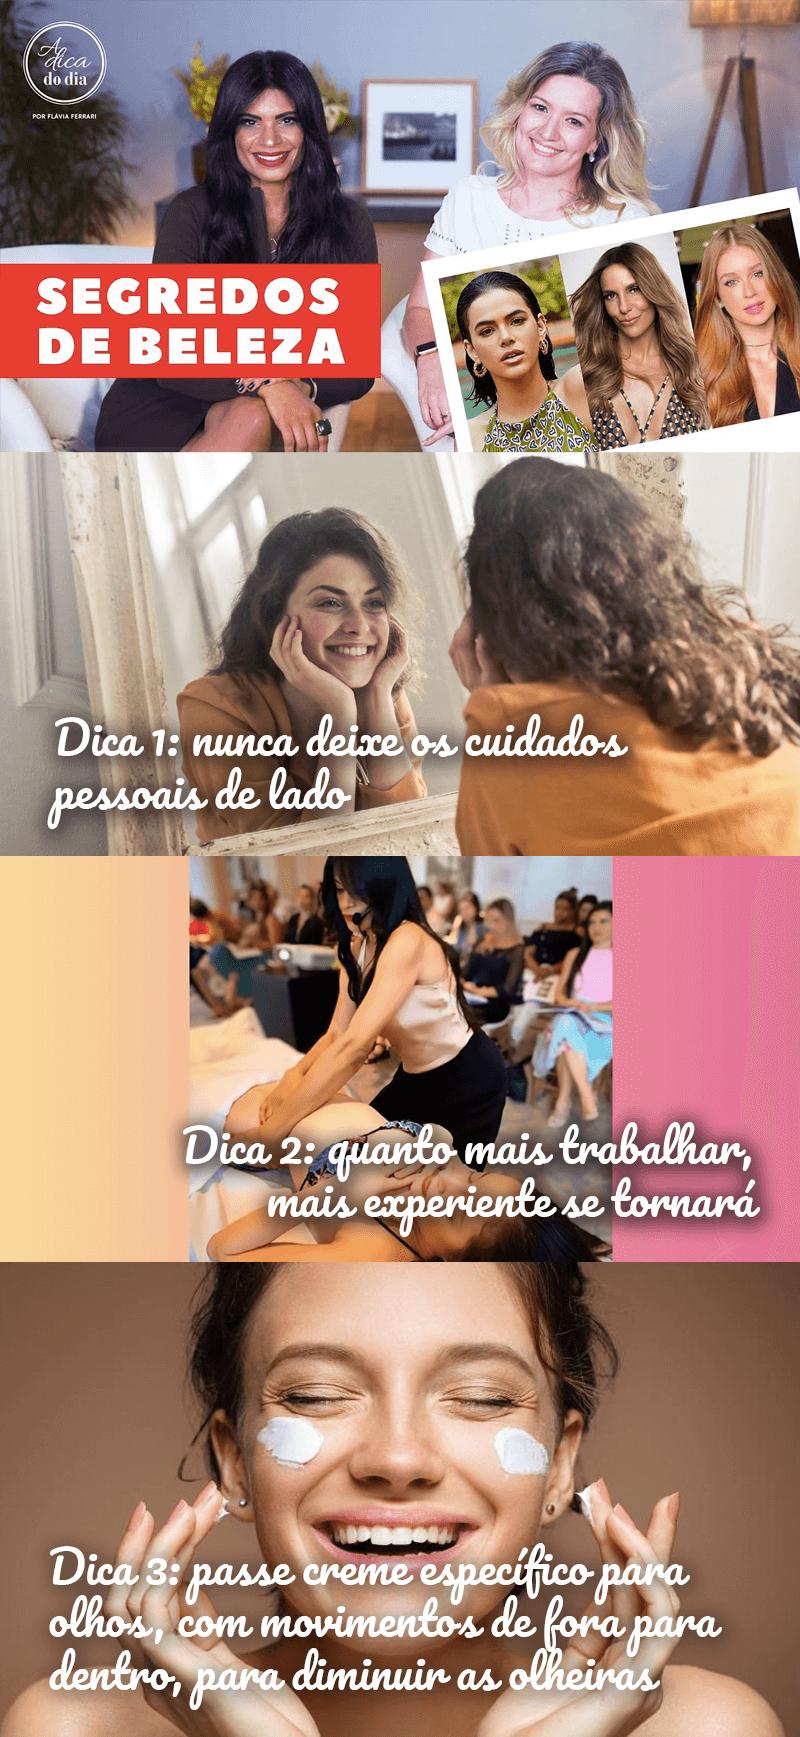 Segredos de beleza com a massagista dos famosos Renata França - Flávia Ferrari